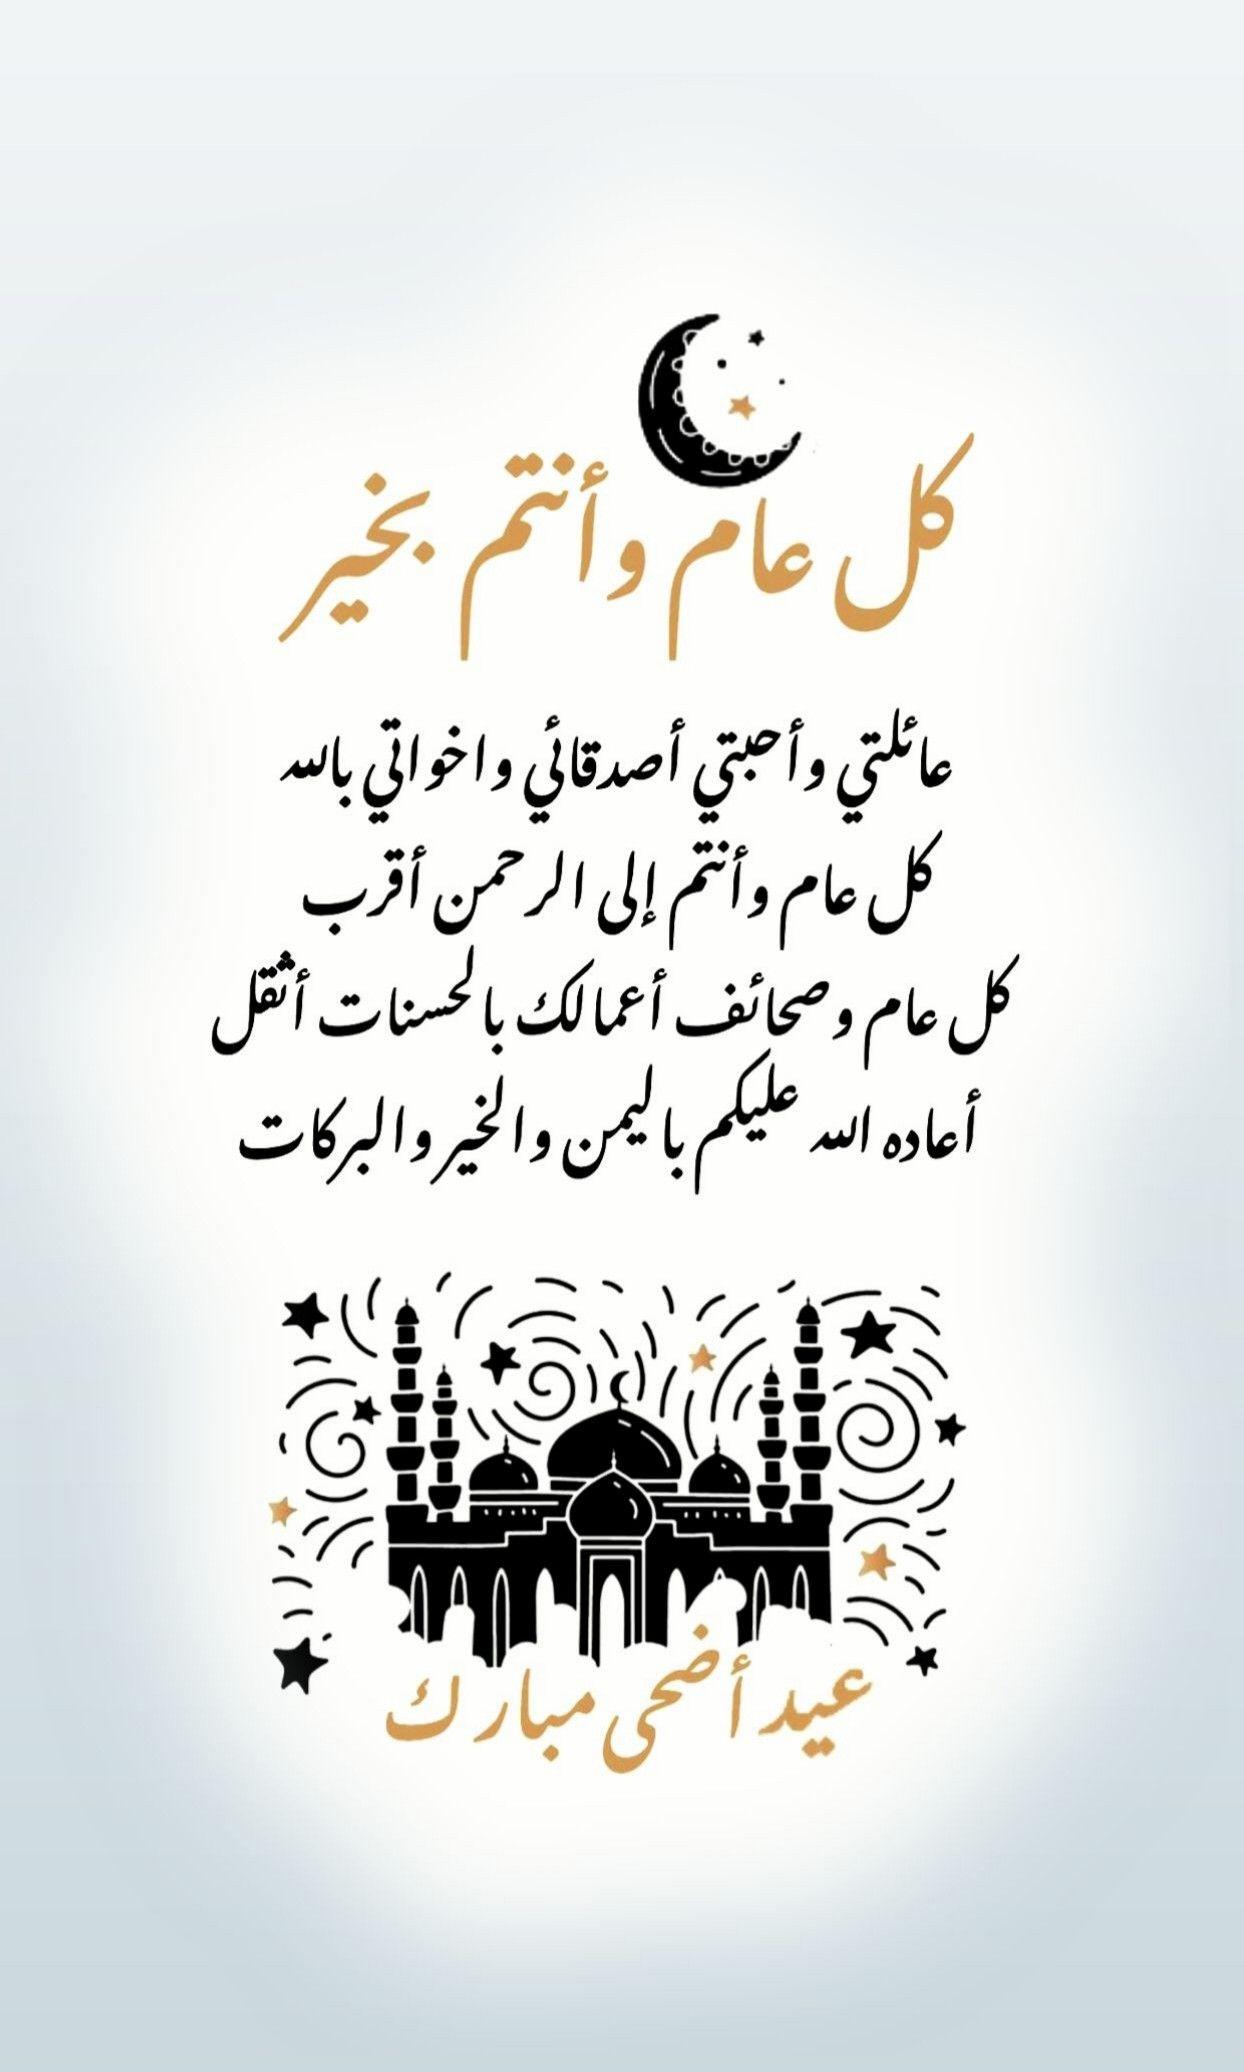 كل عام وأنتم بخير عائلتي وأحبتي أصدقائي واخواتي بالله كل عام وأنتم إلى الرحمن أقرب كل عام وصحائف أعمالك بالحسنات أثقل أعا Eid Images Eid Cards Cool Words